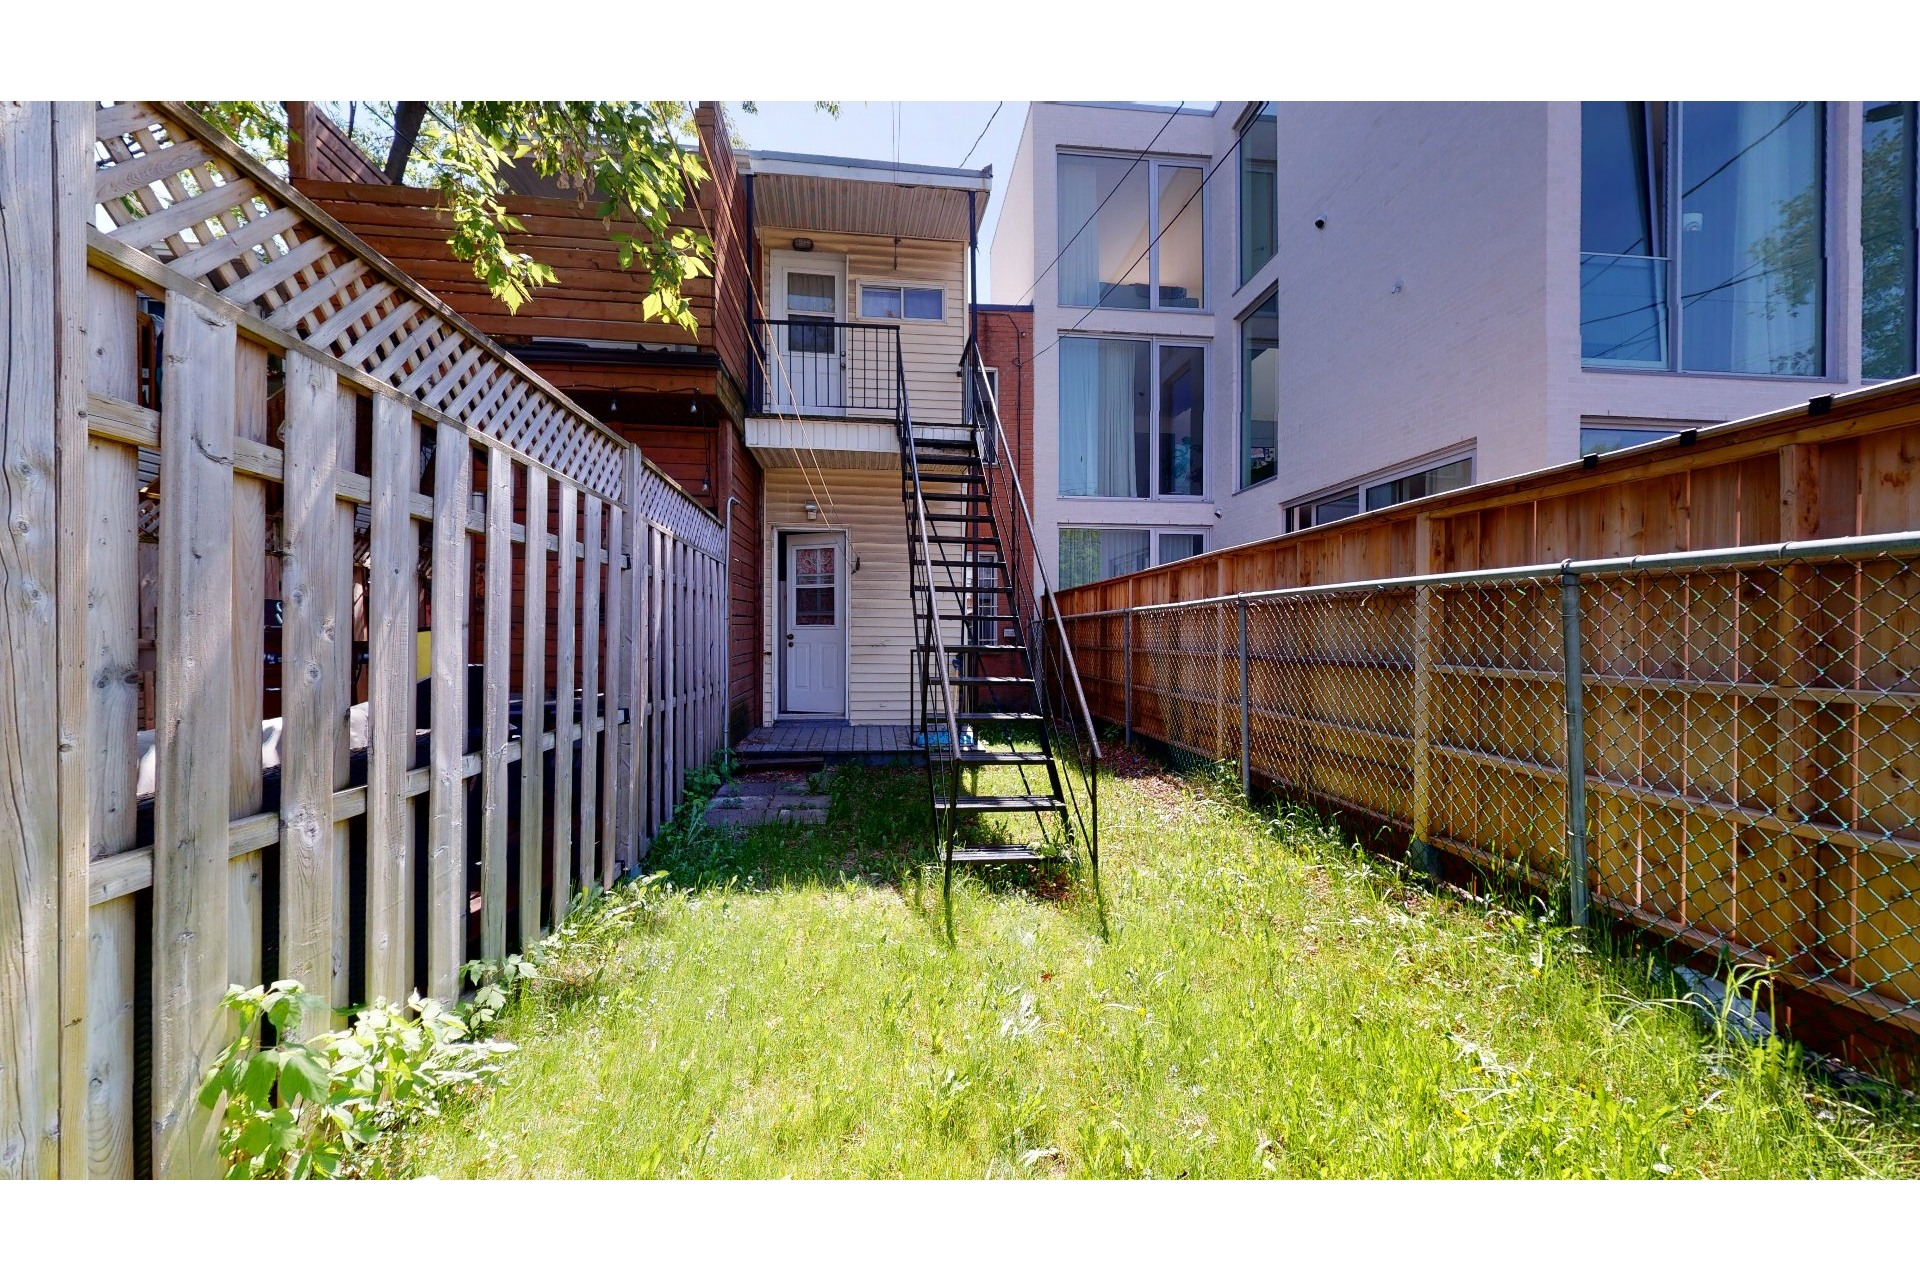 image 5 - Duplex À vendre Rosemont/La Petite-Patrie Montréal  - 4 pièces